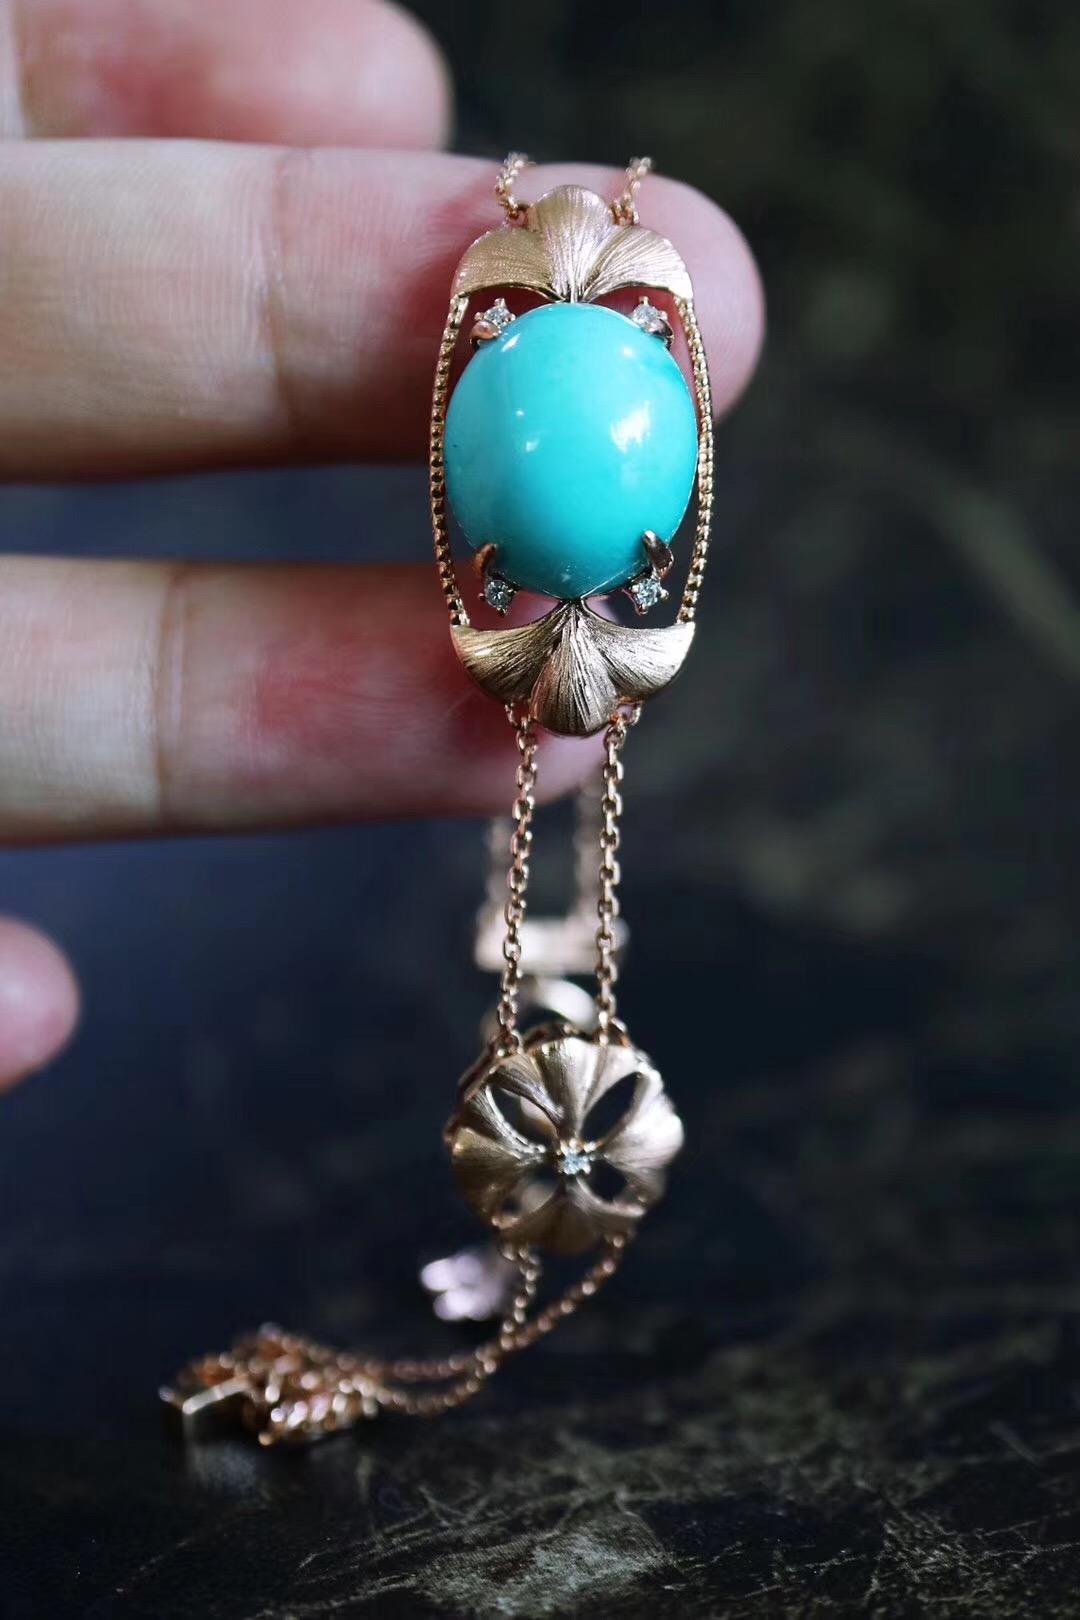 【菩心-绿松石、老山檀】我喜欢这样的复古调-菩心晶舍